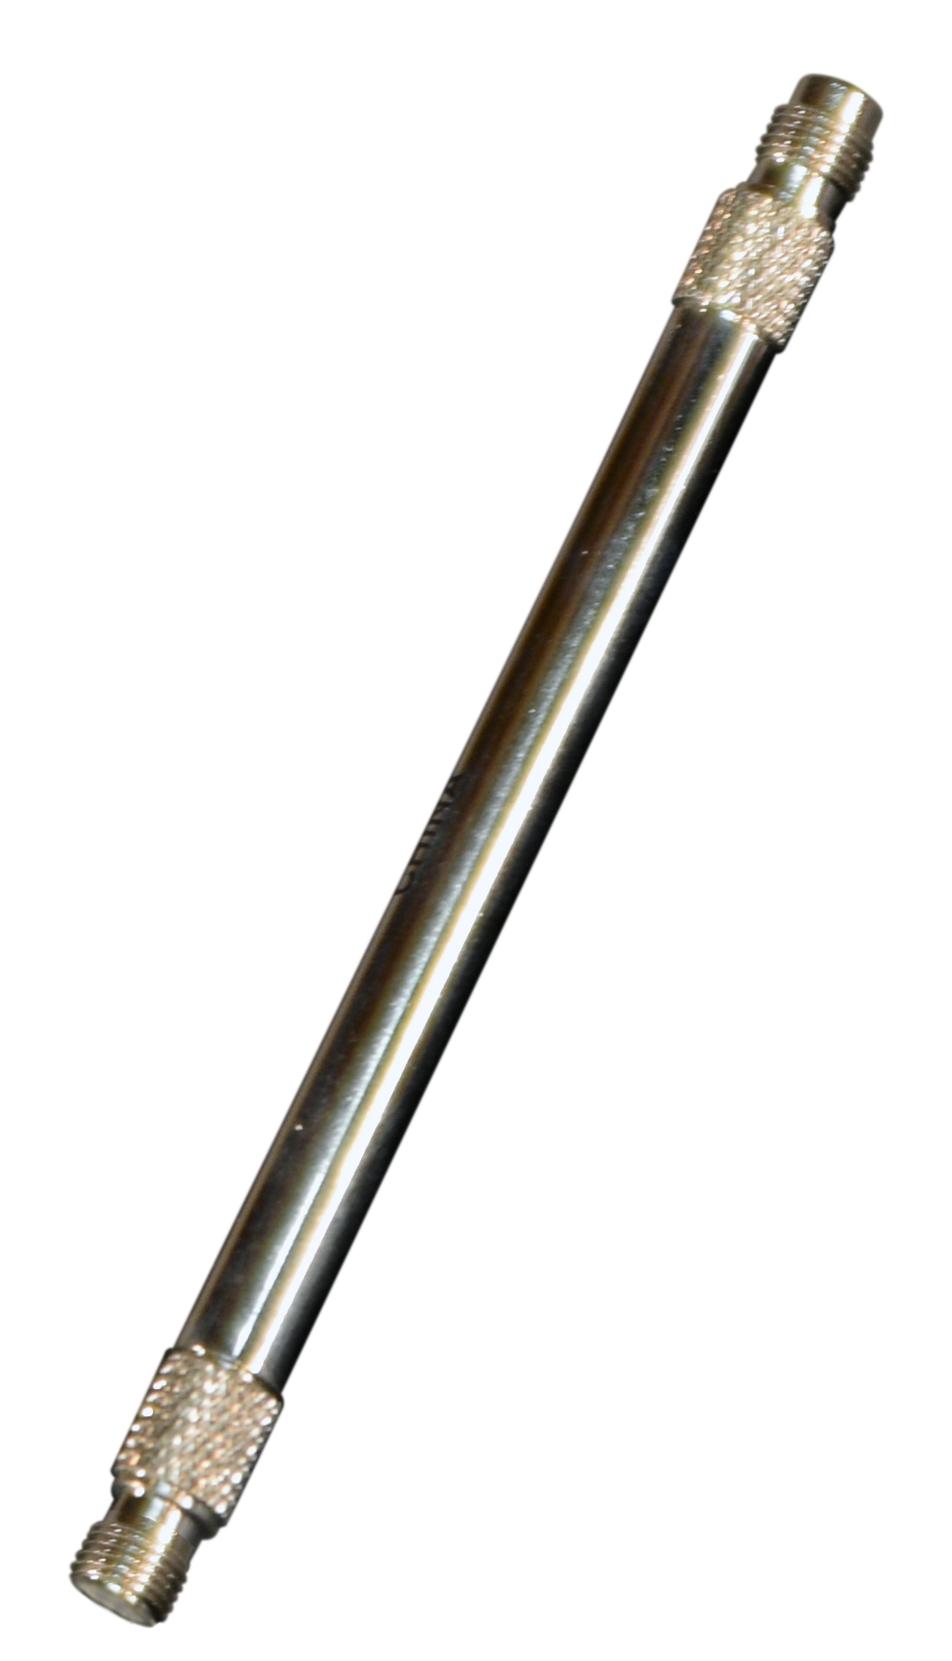 R505-234 - Eye Magnet with loop - PG